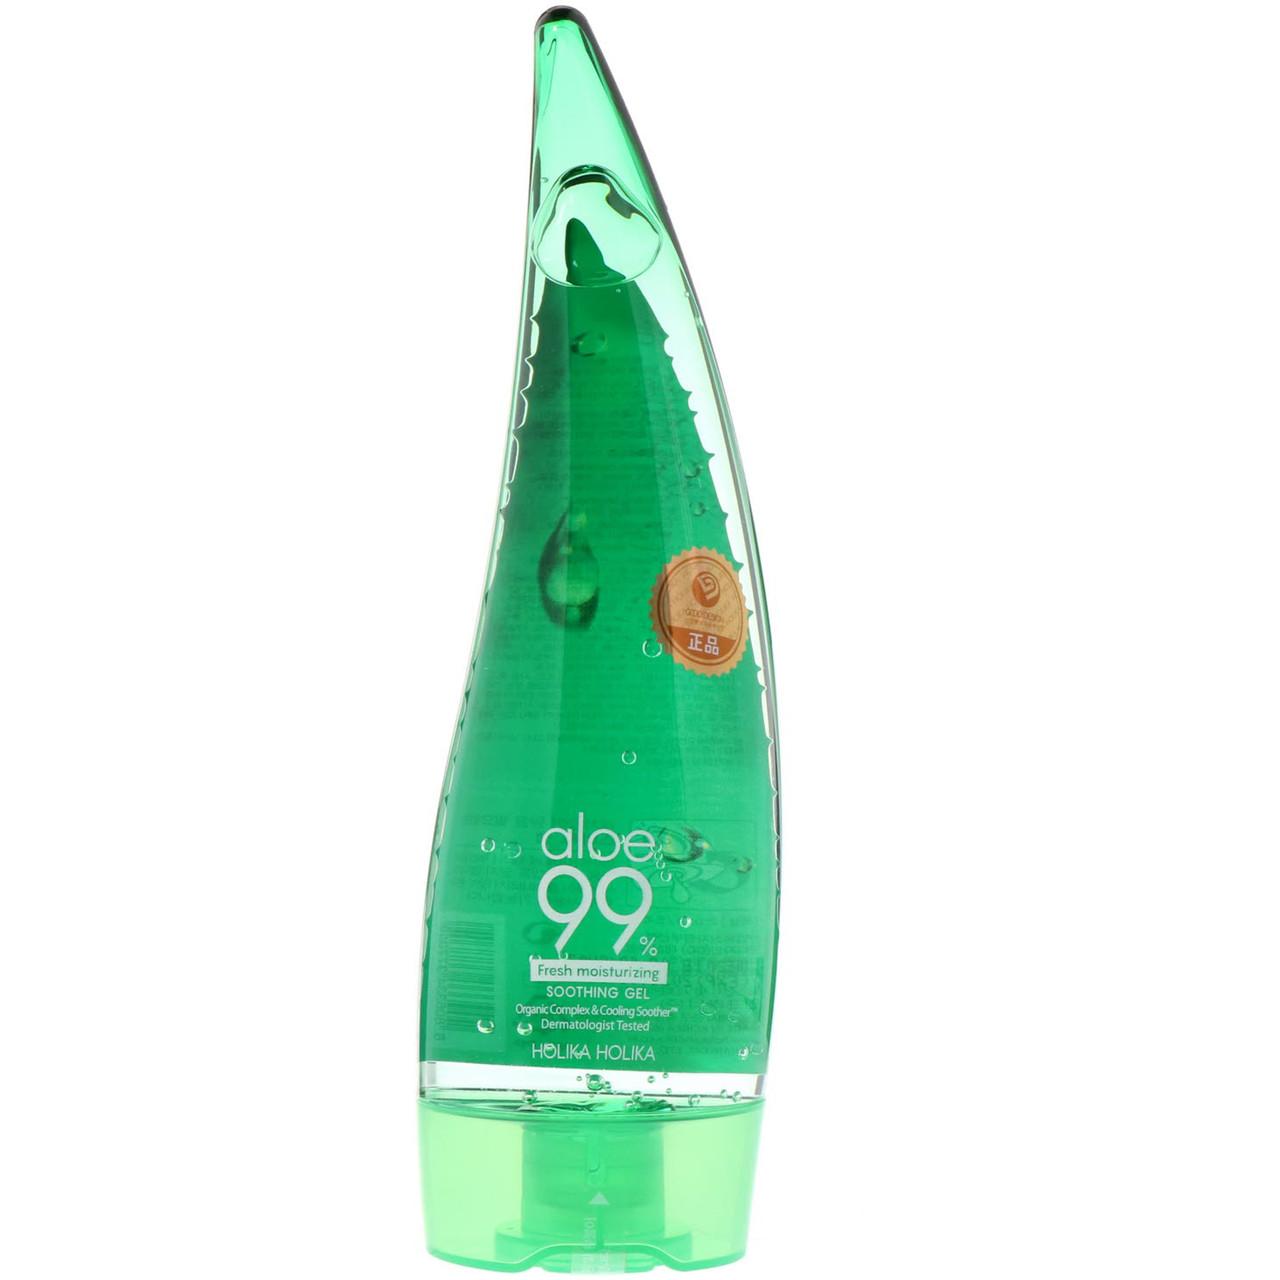 Гель Holika Holika Aloe 99% Soothing gel успокаивающий и увлажняющий 250 мл (377359)